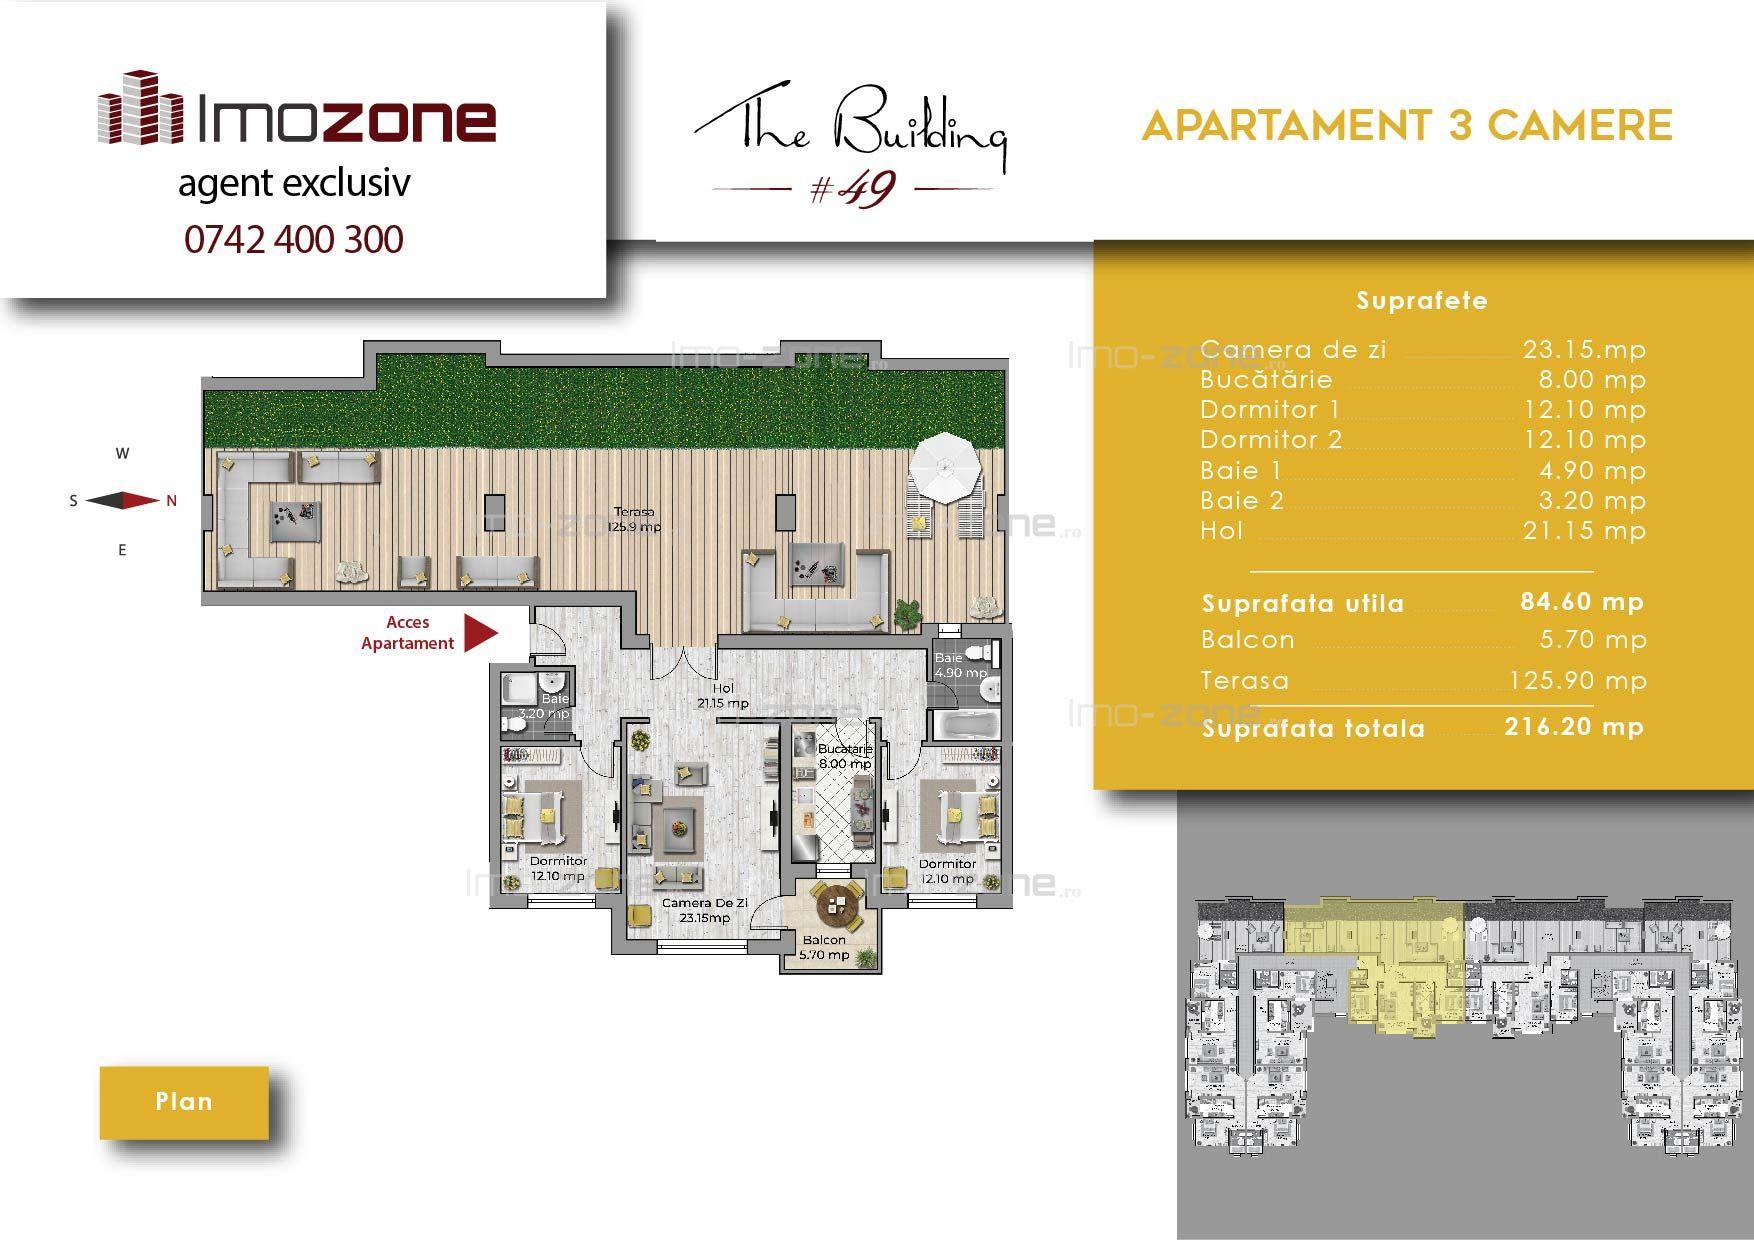 Drumul Taberei 3 camere, dec, 85mp + terasa 125mp, etaj 4/4+pod, lift